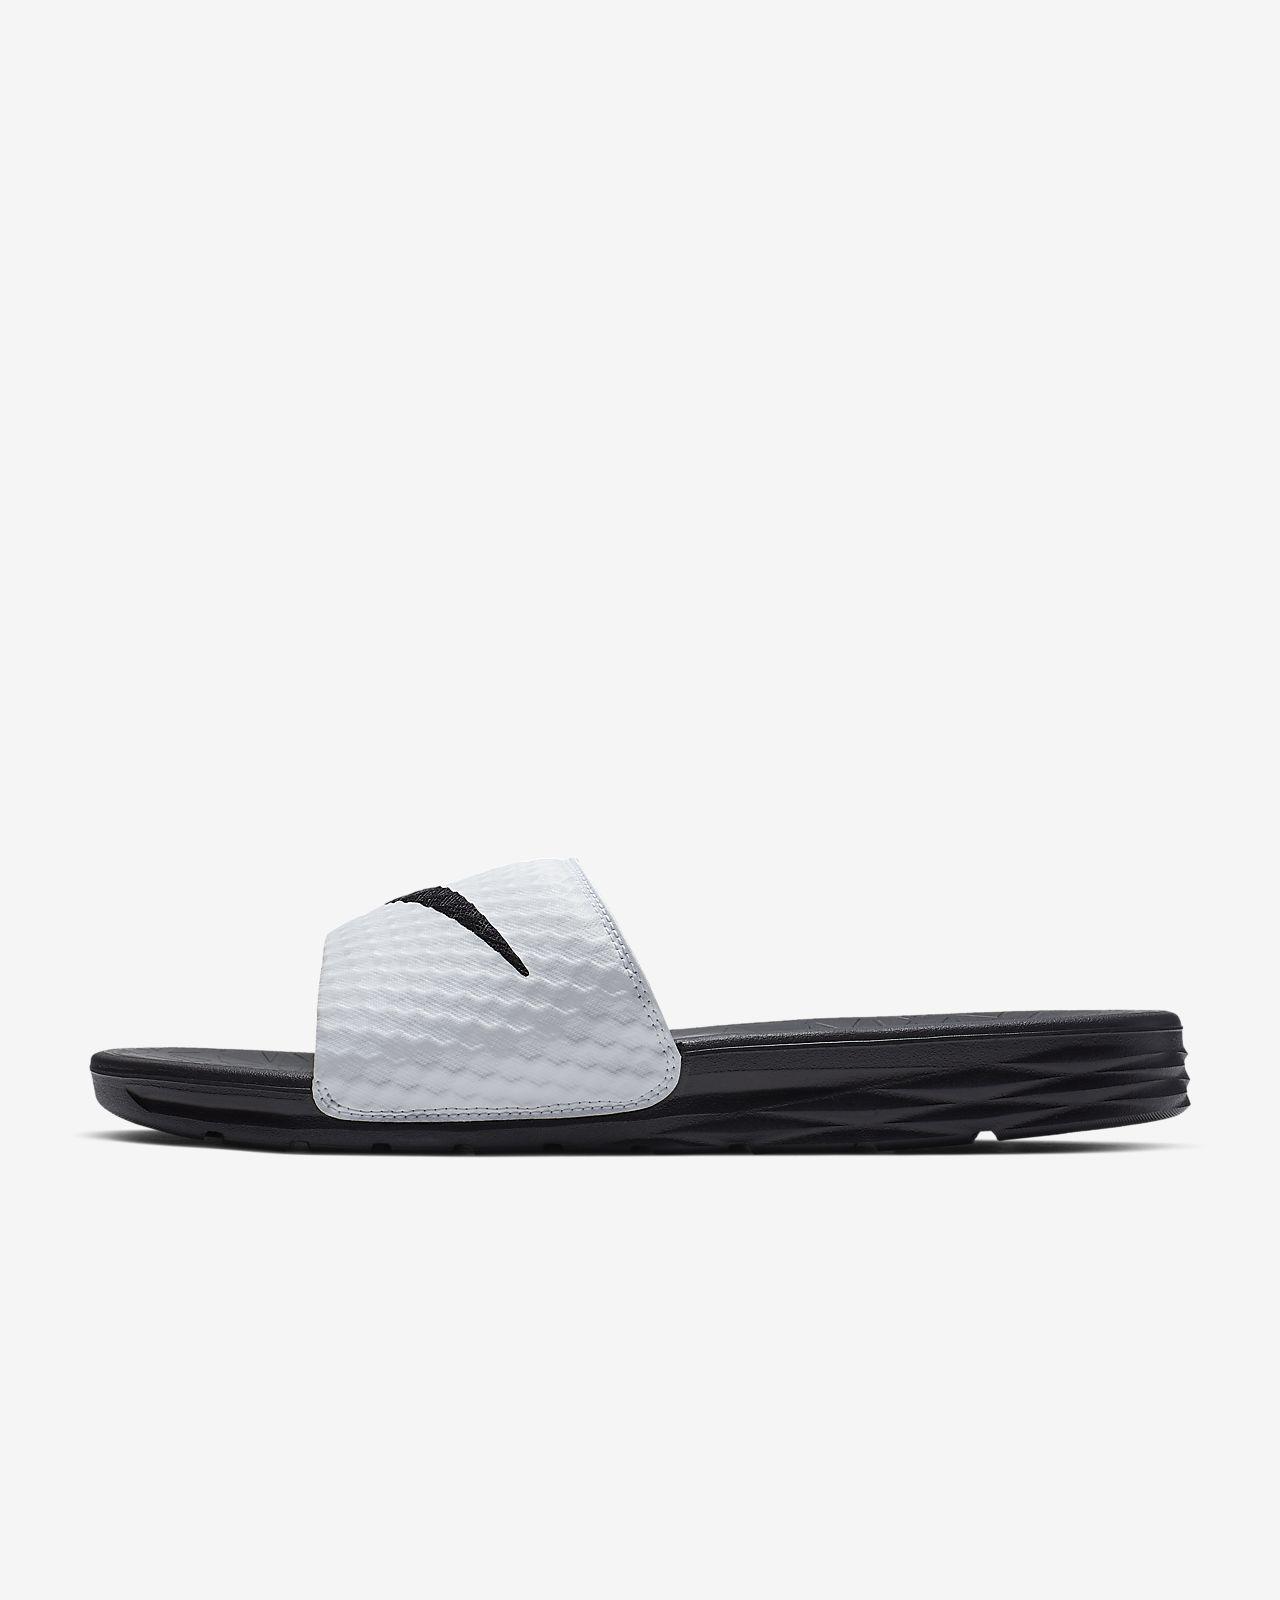 uk availability 8a584 b8453 ... Nike Benassi Solarsoft 2 Men s Slide